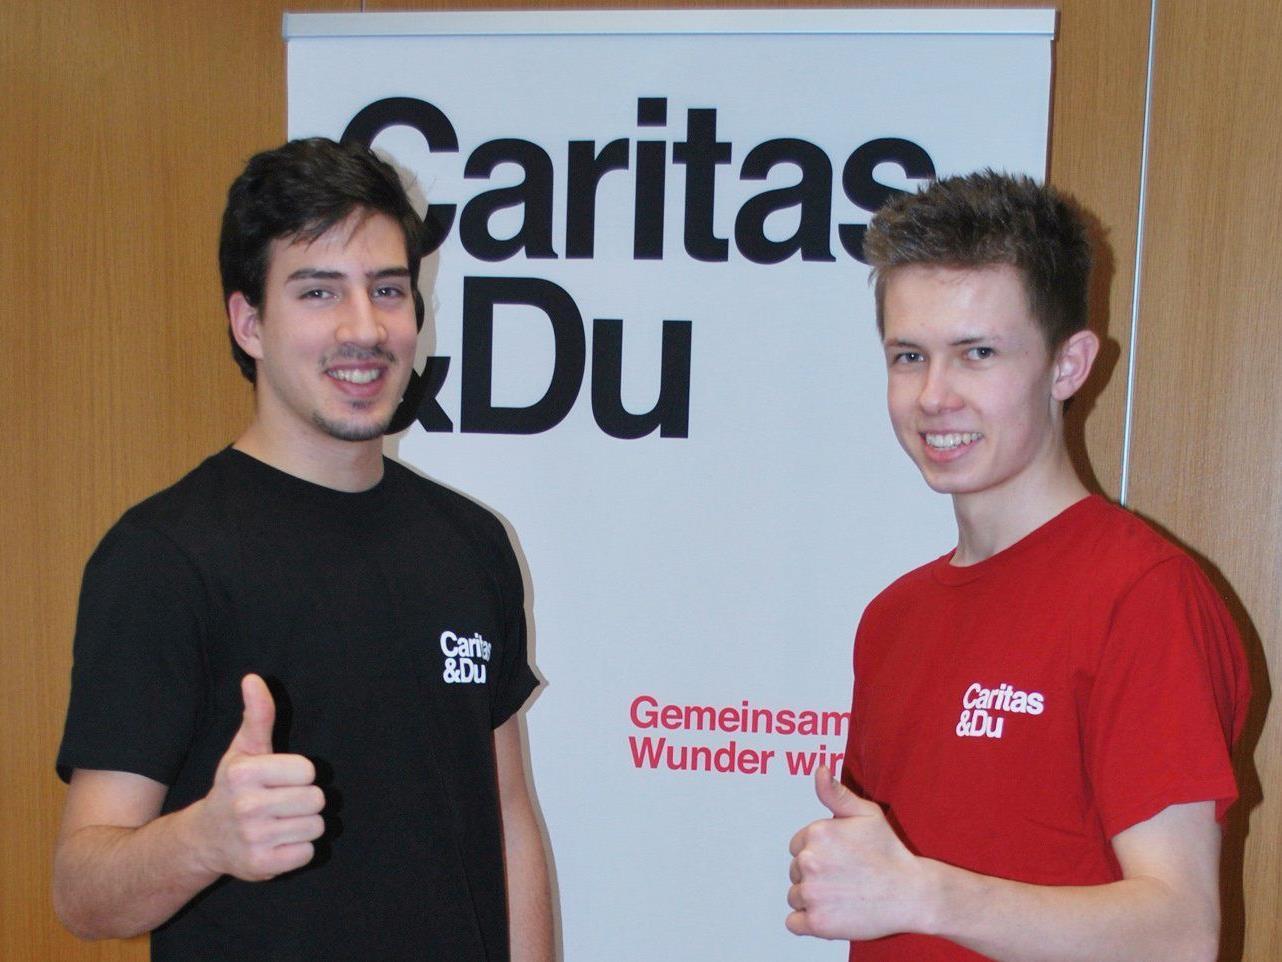 Zivildienst bei der Caritas: Eine sinnvolle Arbeit und wertvolle Unterstützung der sozialen Arbeit in Vorarlberg.